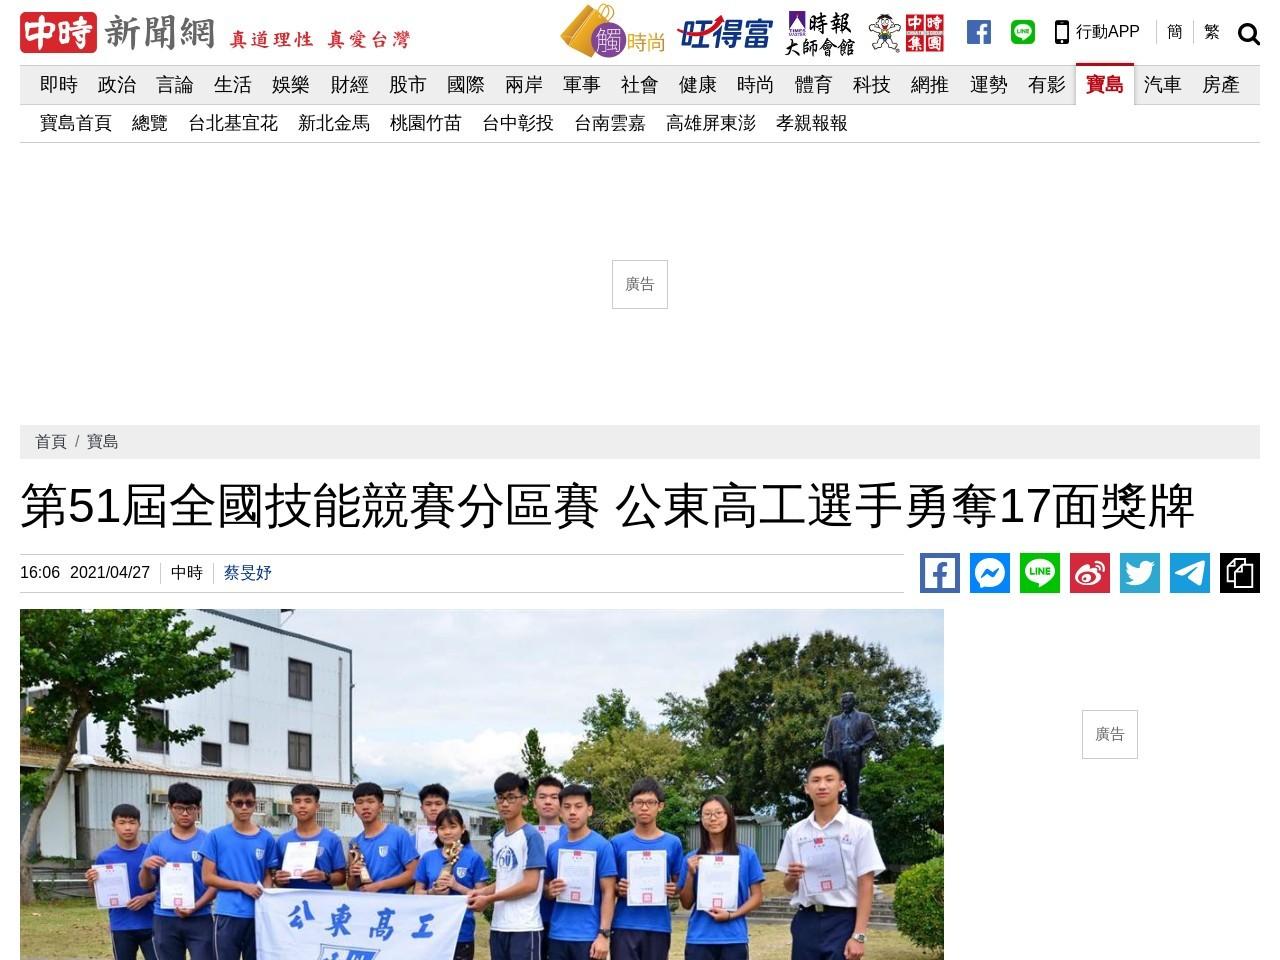 第51屆全國技能競賽分區賽公東高工選手勇奪17面獎牌